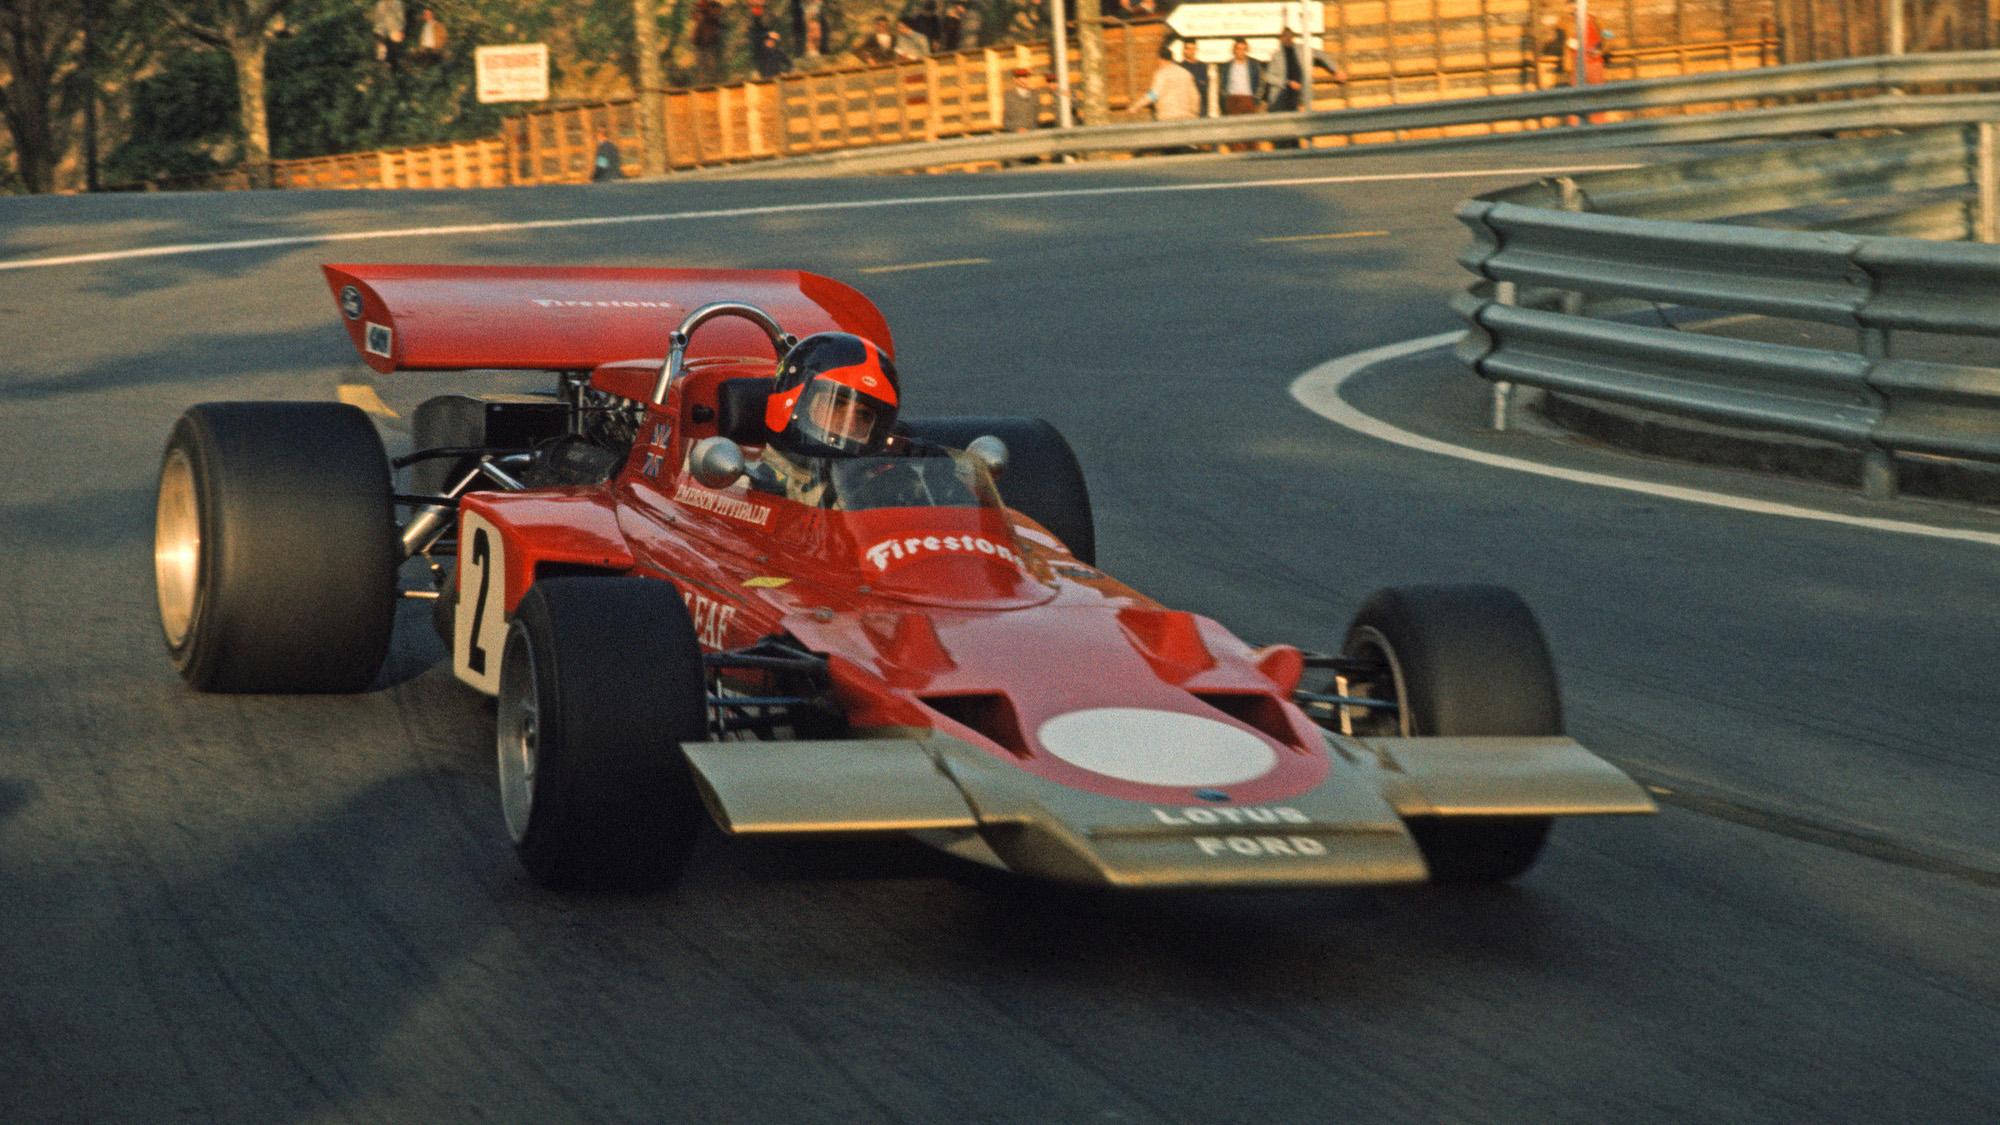 Lotus of Emerson Fittipaldi at the 1971 Spanish Grand Prix